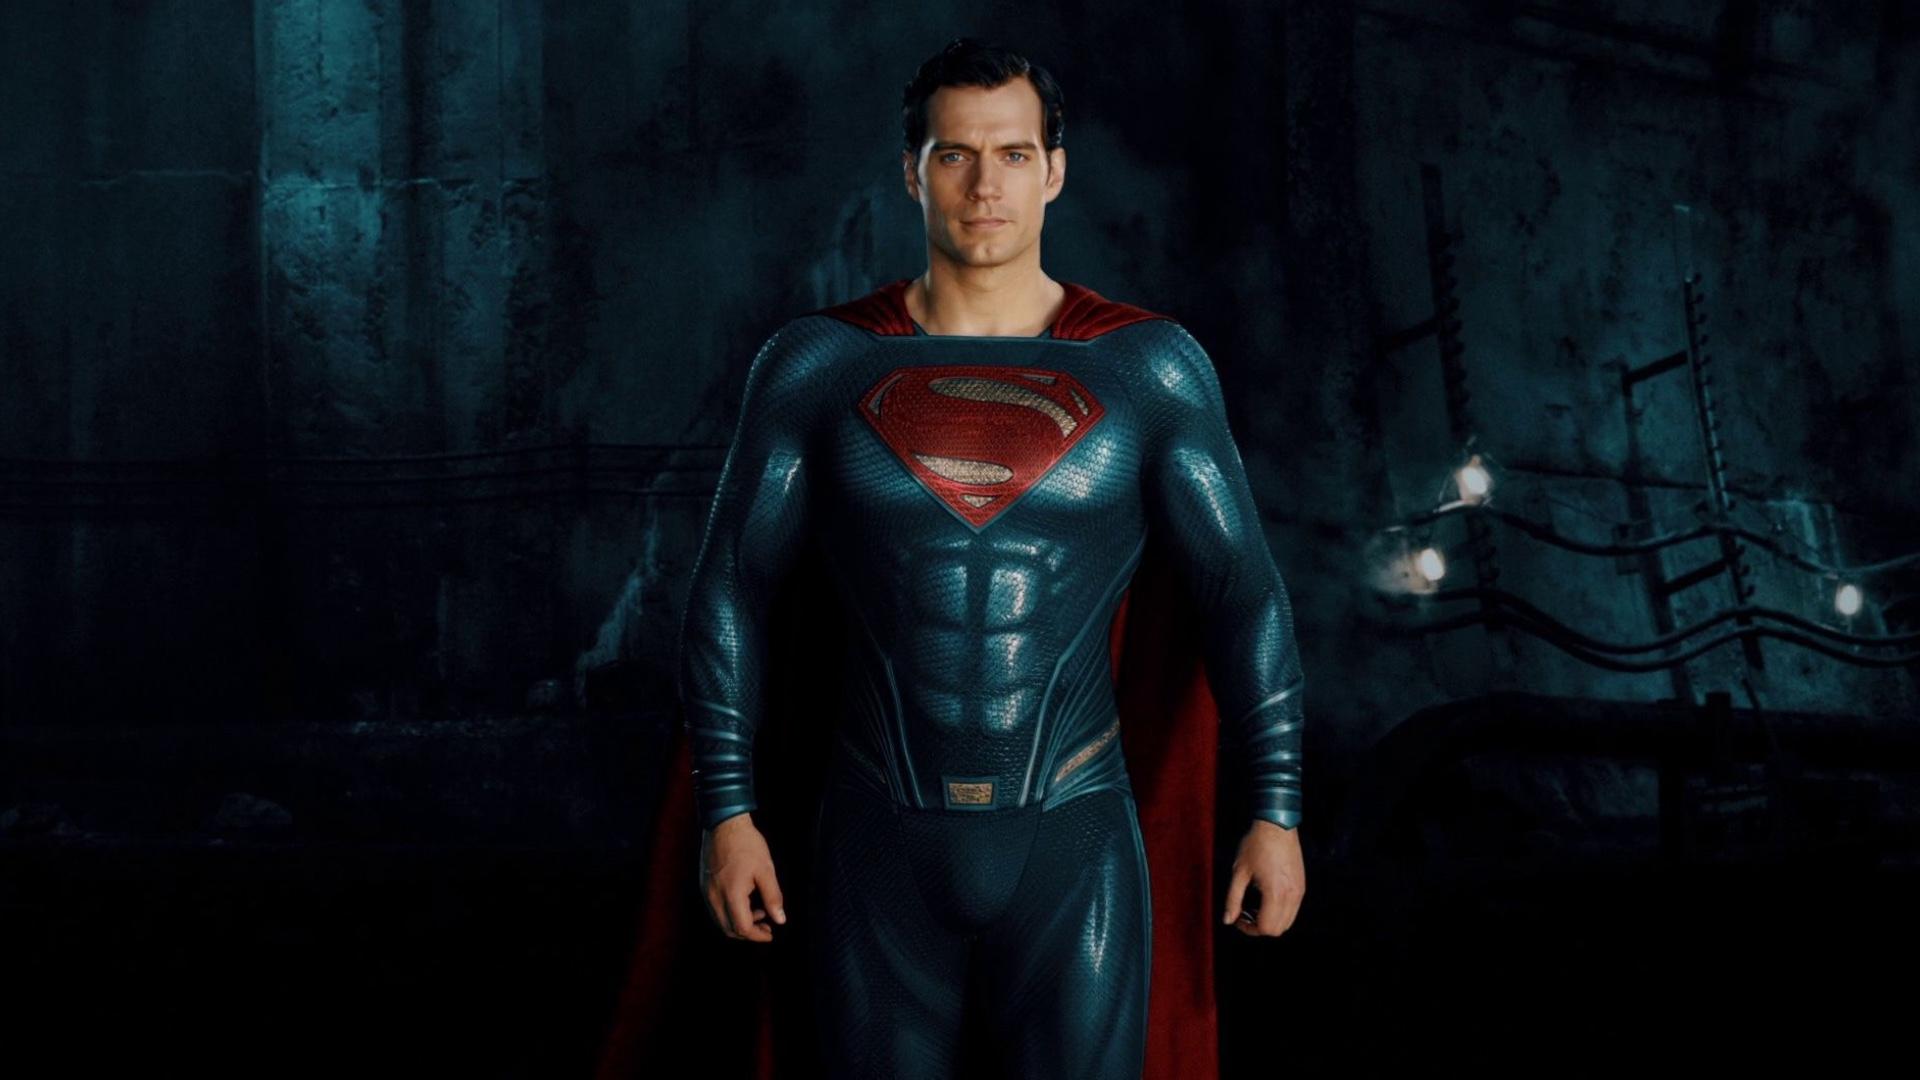 10 hướng đi đúng đắn và sai lầm dẫn đến quyết định thiếu sáng suốt của vũ trụ điện ảnh siêu anh hùng DC - Ảnh 7.